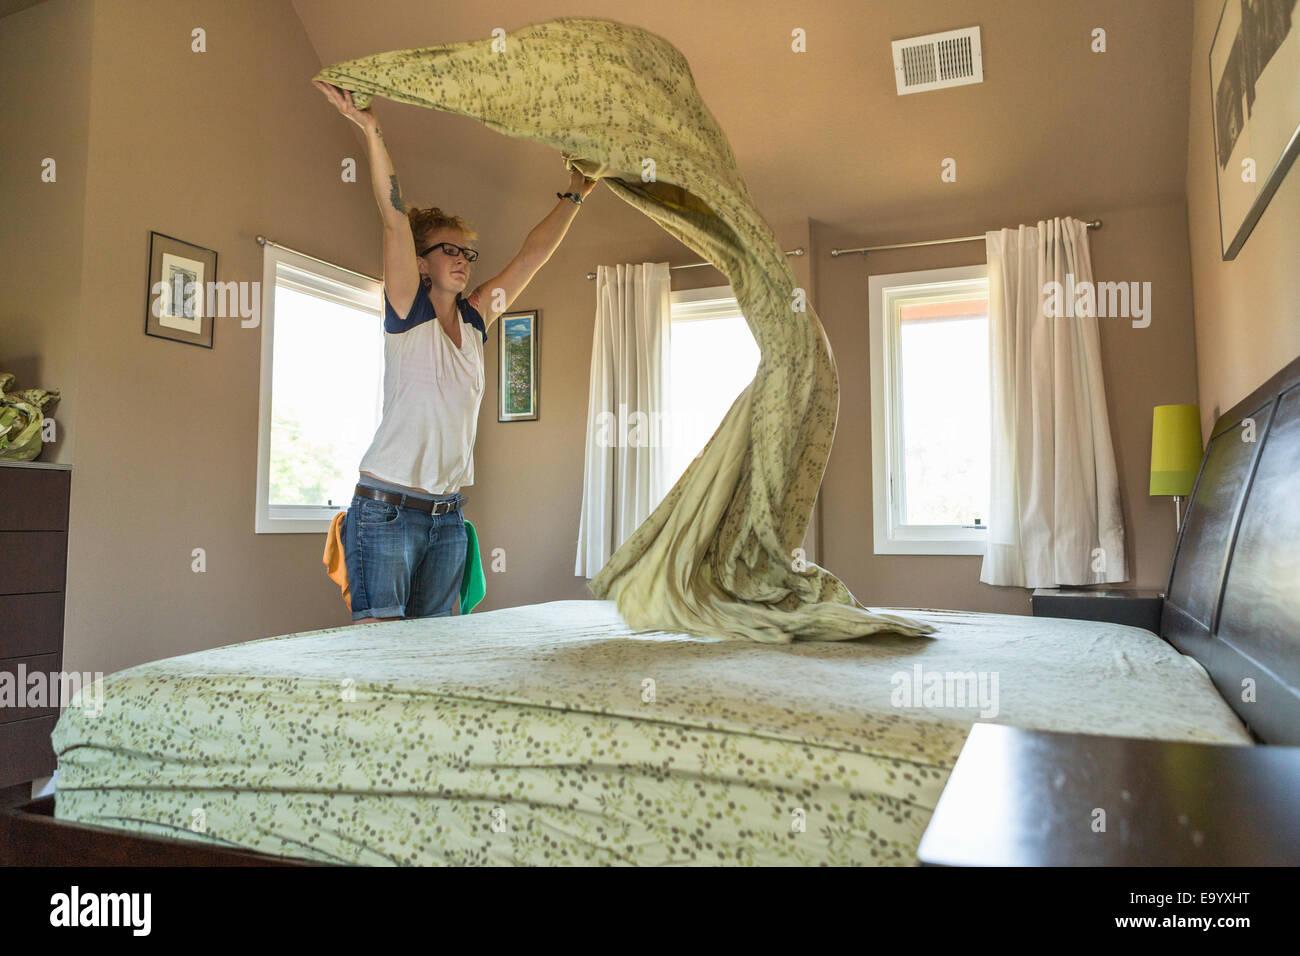 Giovane donna pulizia camera da letto verde con i prodotti per la pulizia Immagini Stock